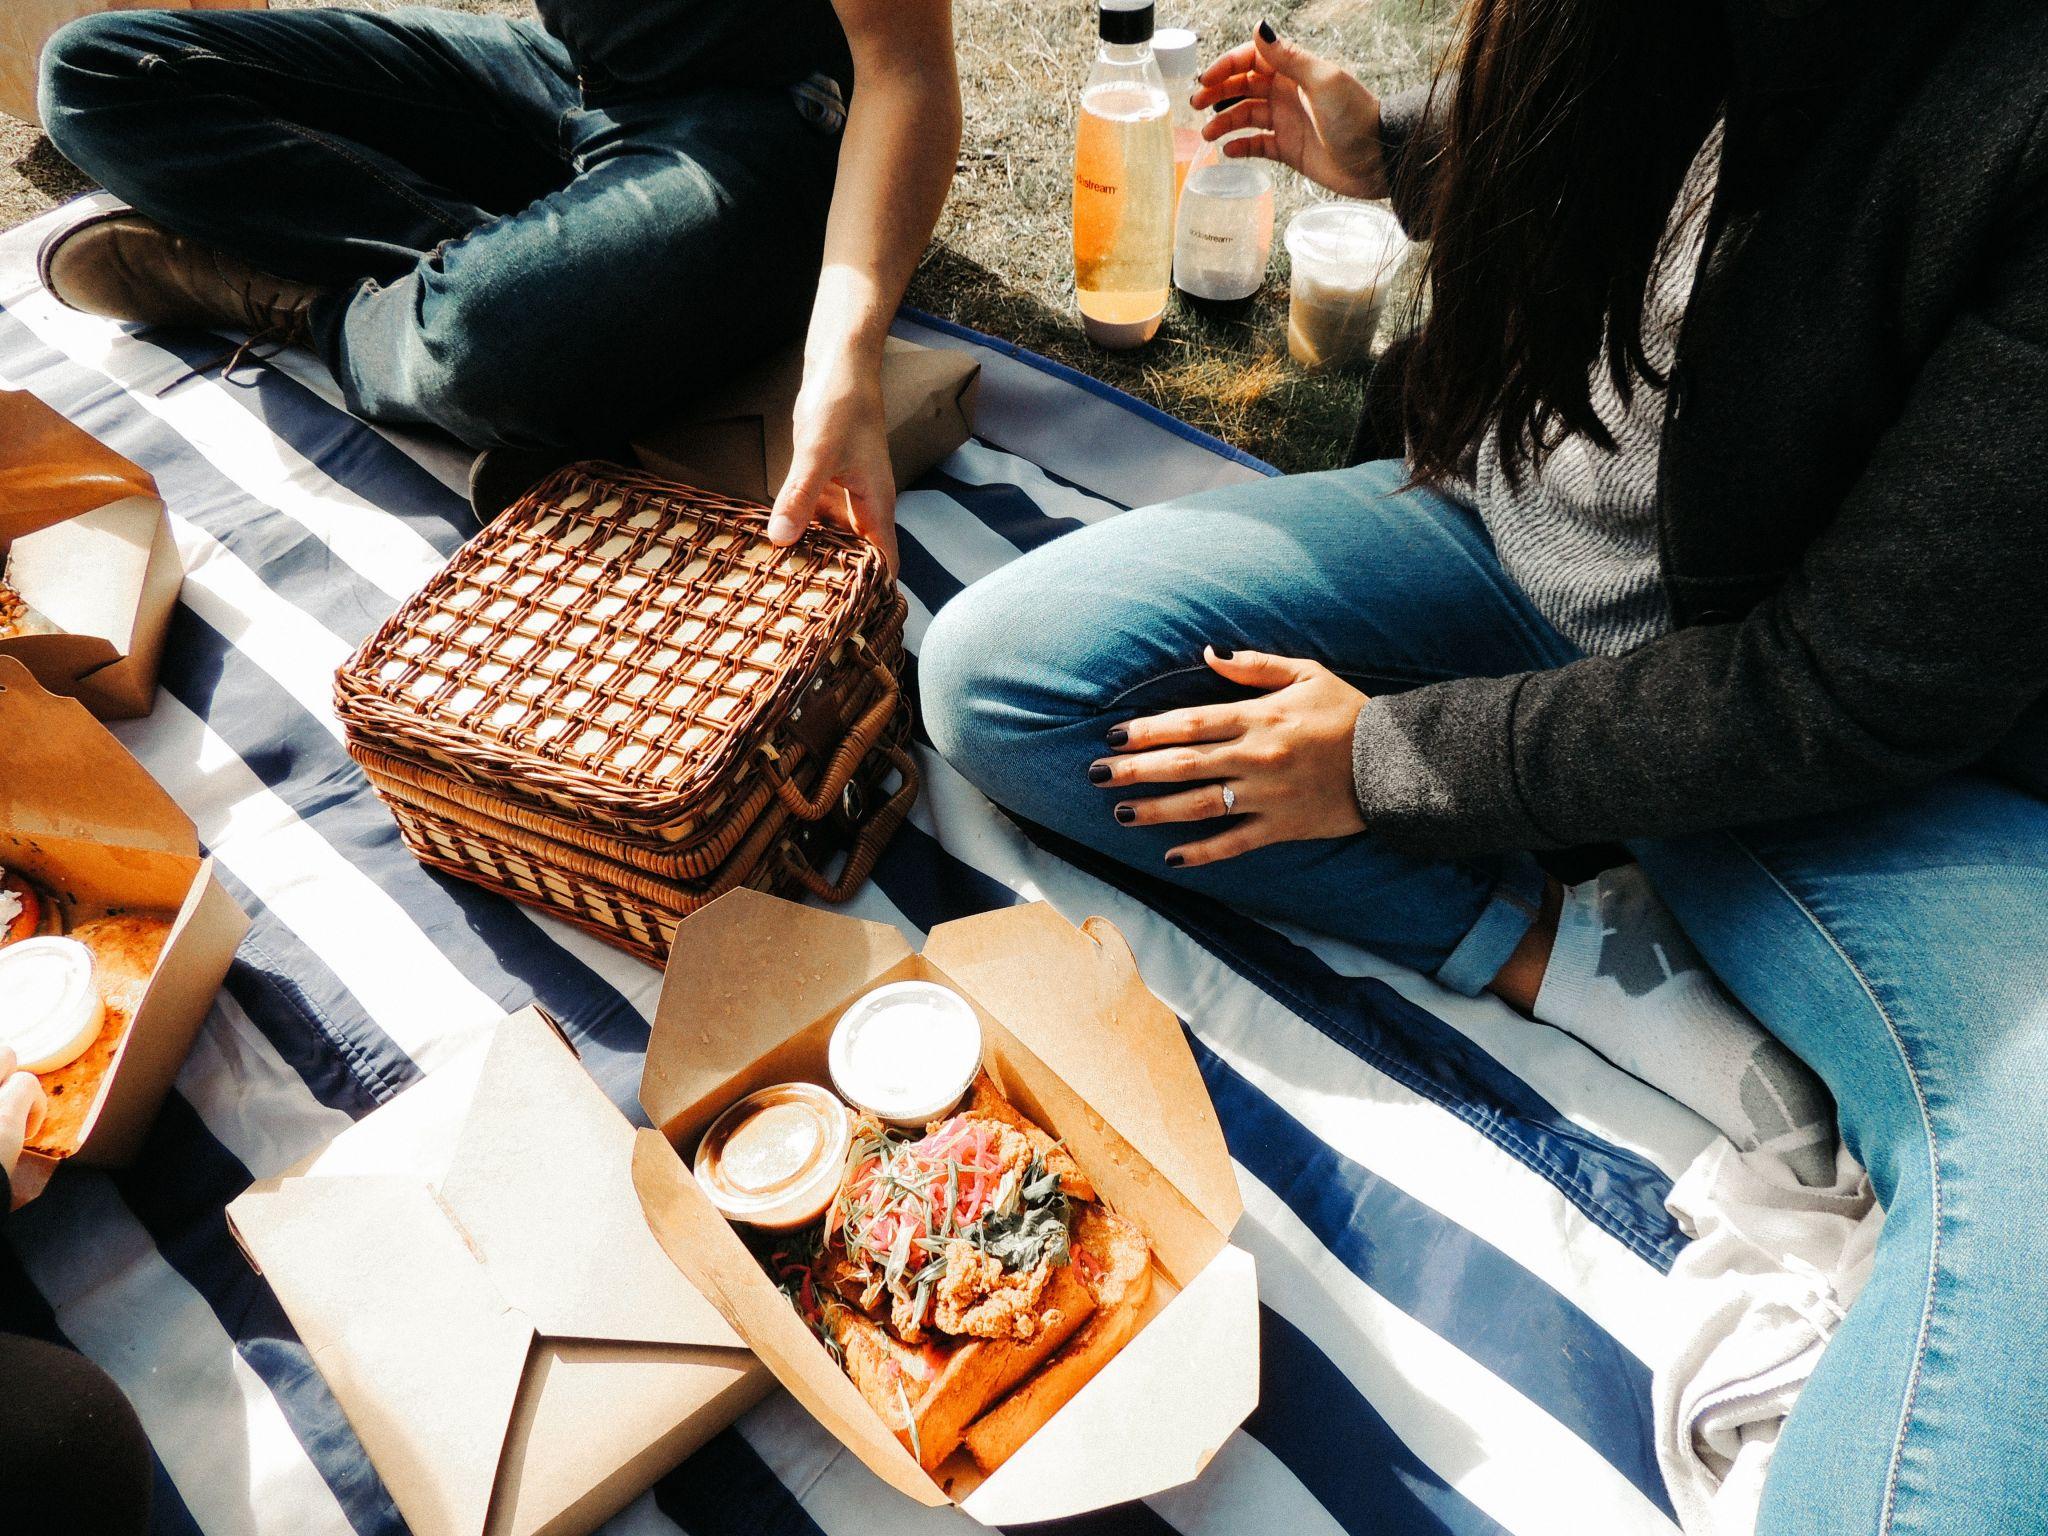 7 Lovely Summertime Date Ideas